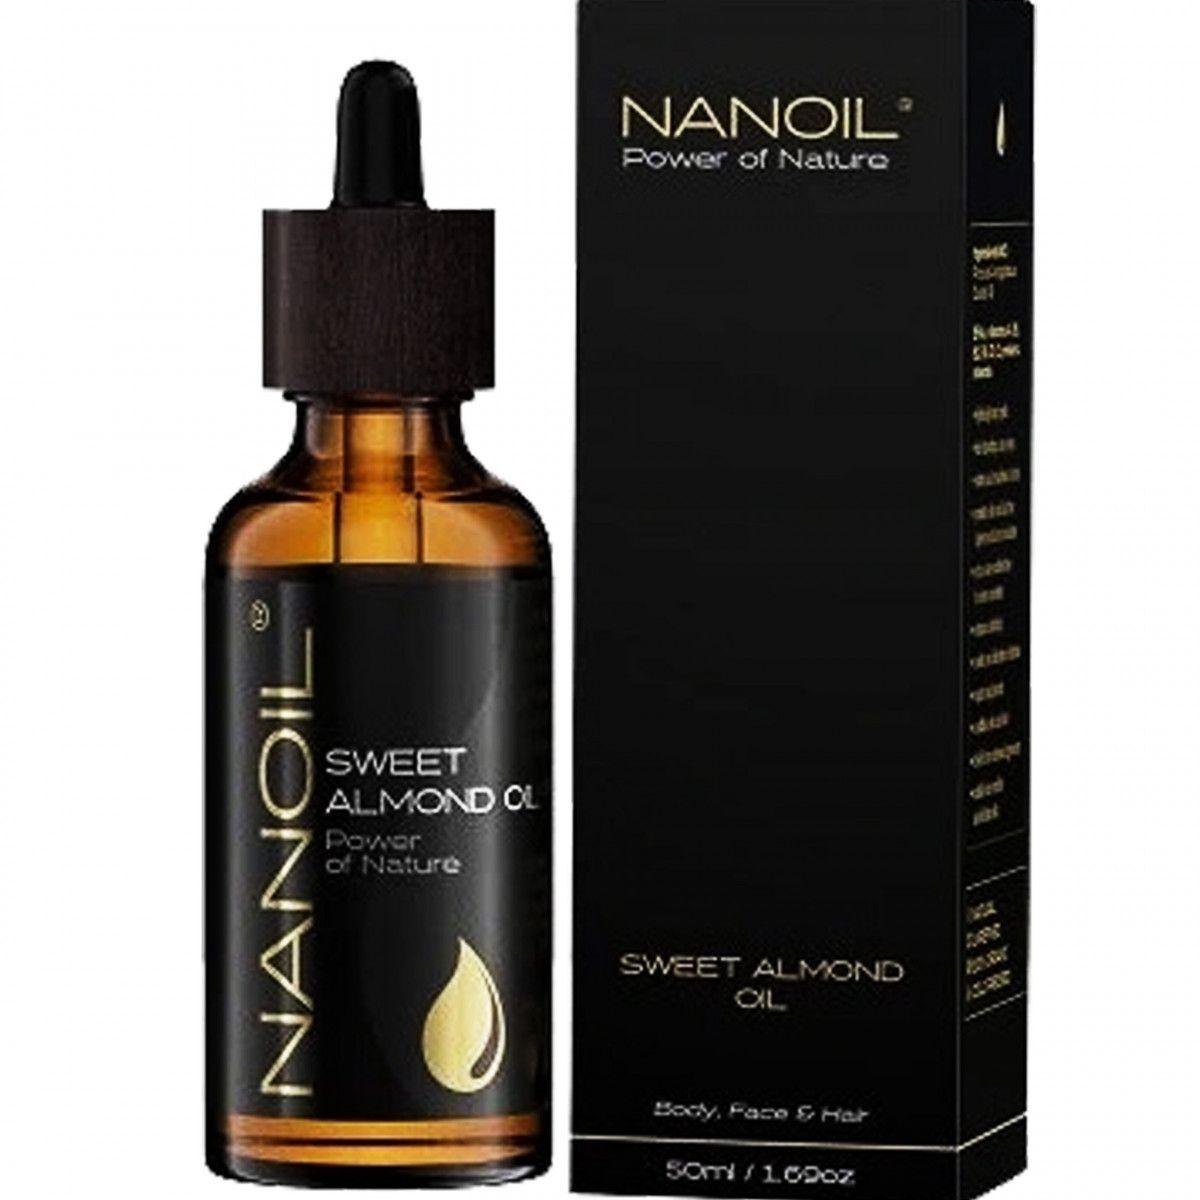 Nanoil olejek migdałowy do pielęgnacji włosów i ciała 50ml